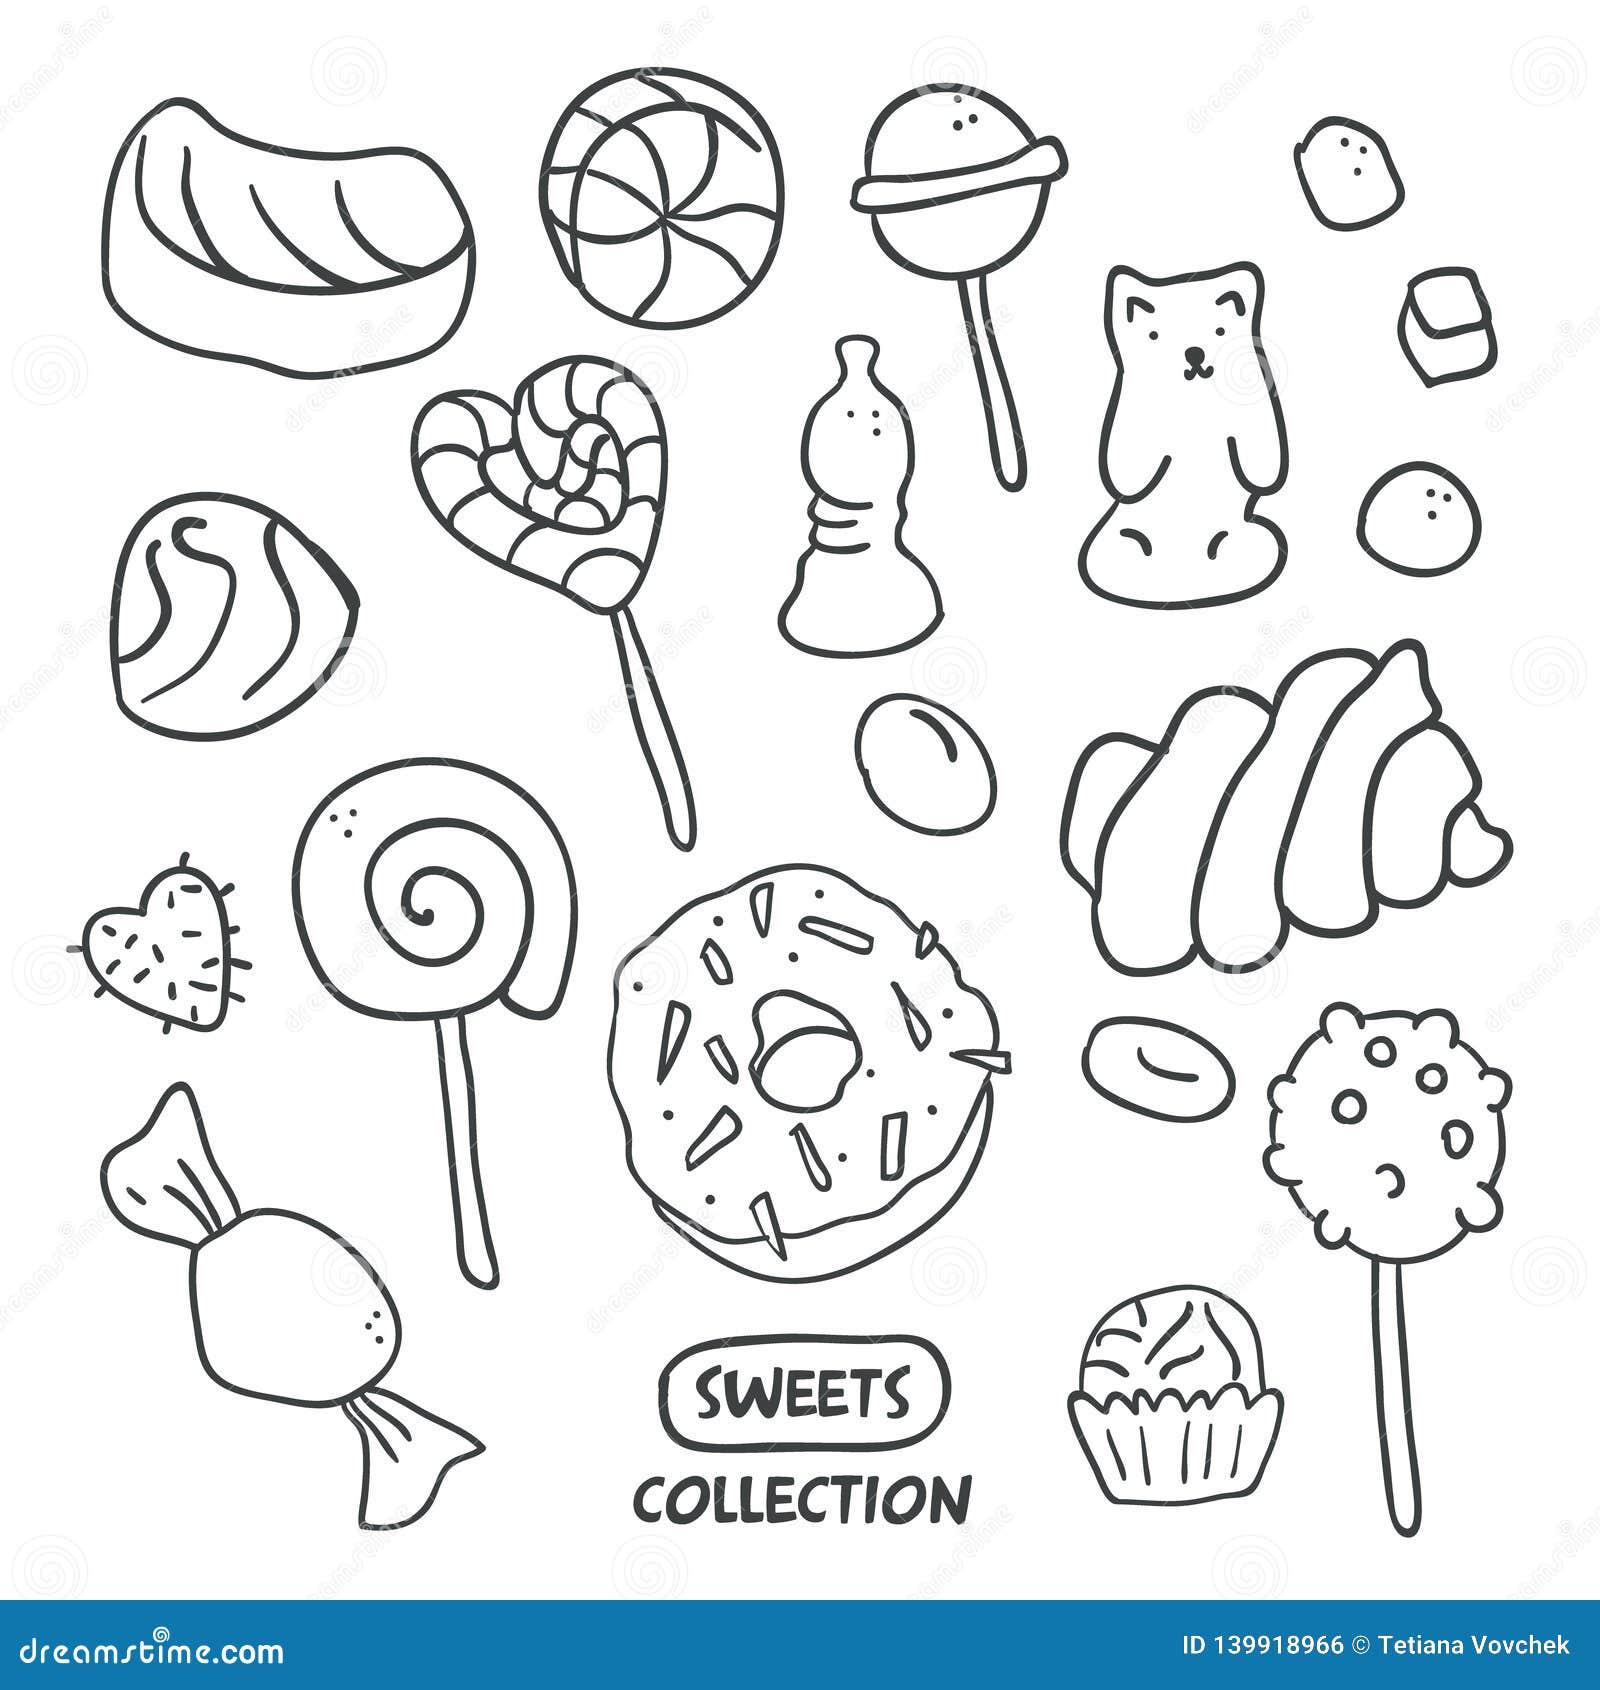 Disegni Caramelle Da Colorare.Caramelle Disegnate A Mano Rassodate Ciambella Lecca Lecca Caramella Illustrazione Vettoriale Illustrazione Di Doodles Decorativo 139918966